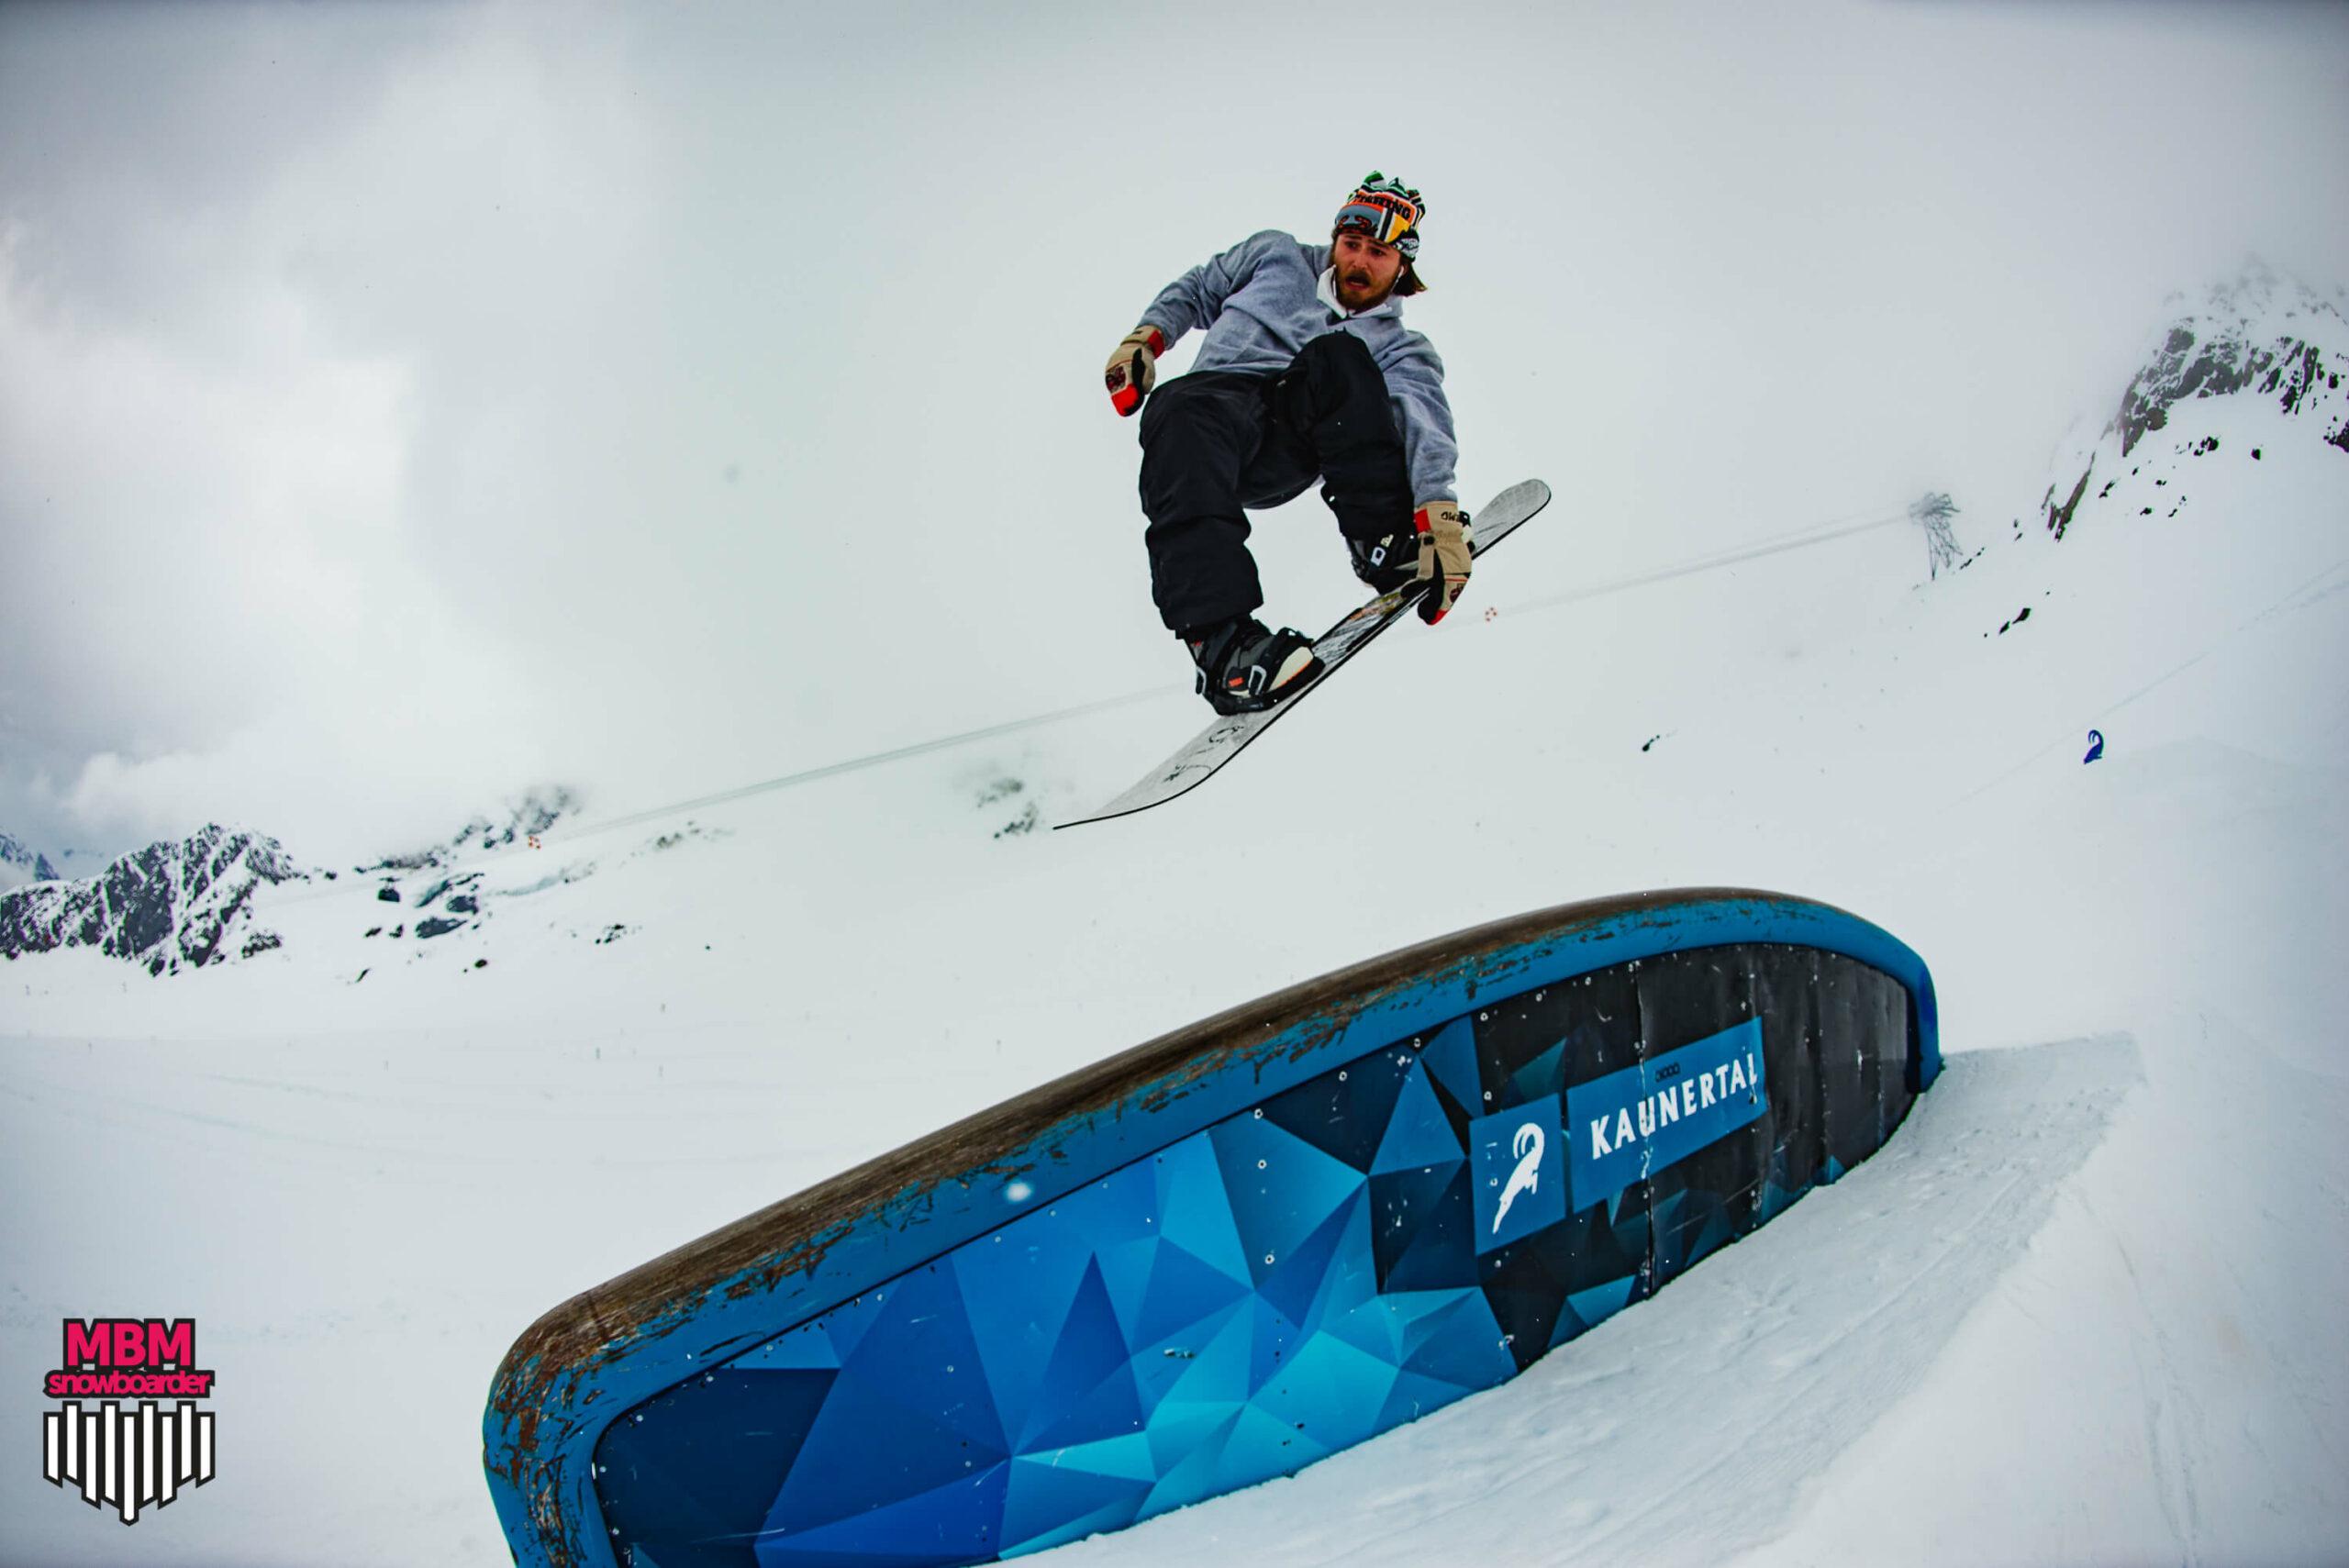 snowboarderMBM_sd_kaunertal_085